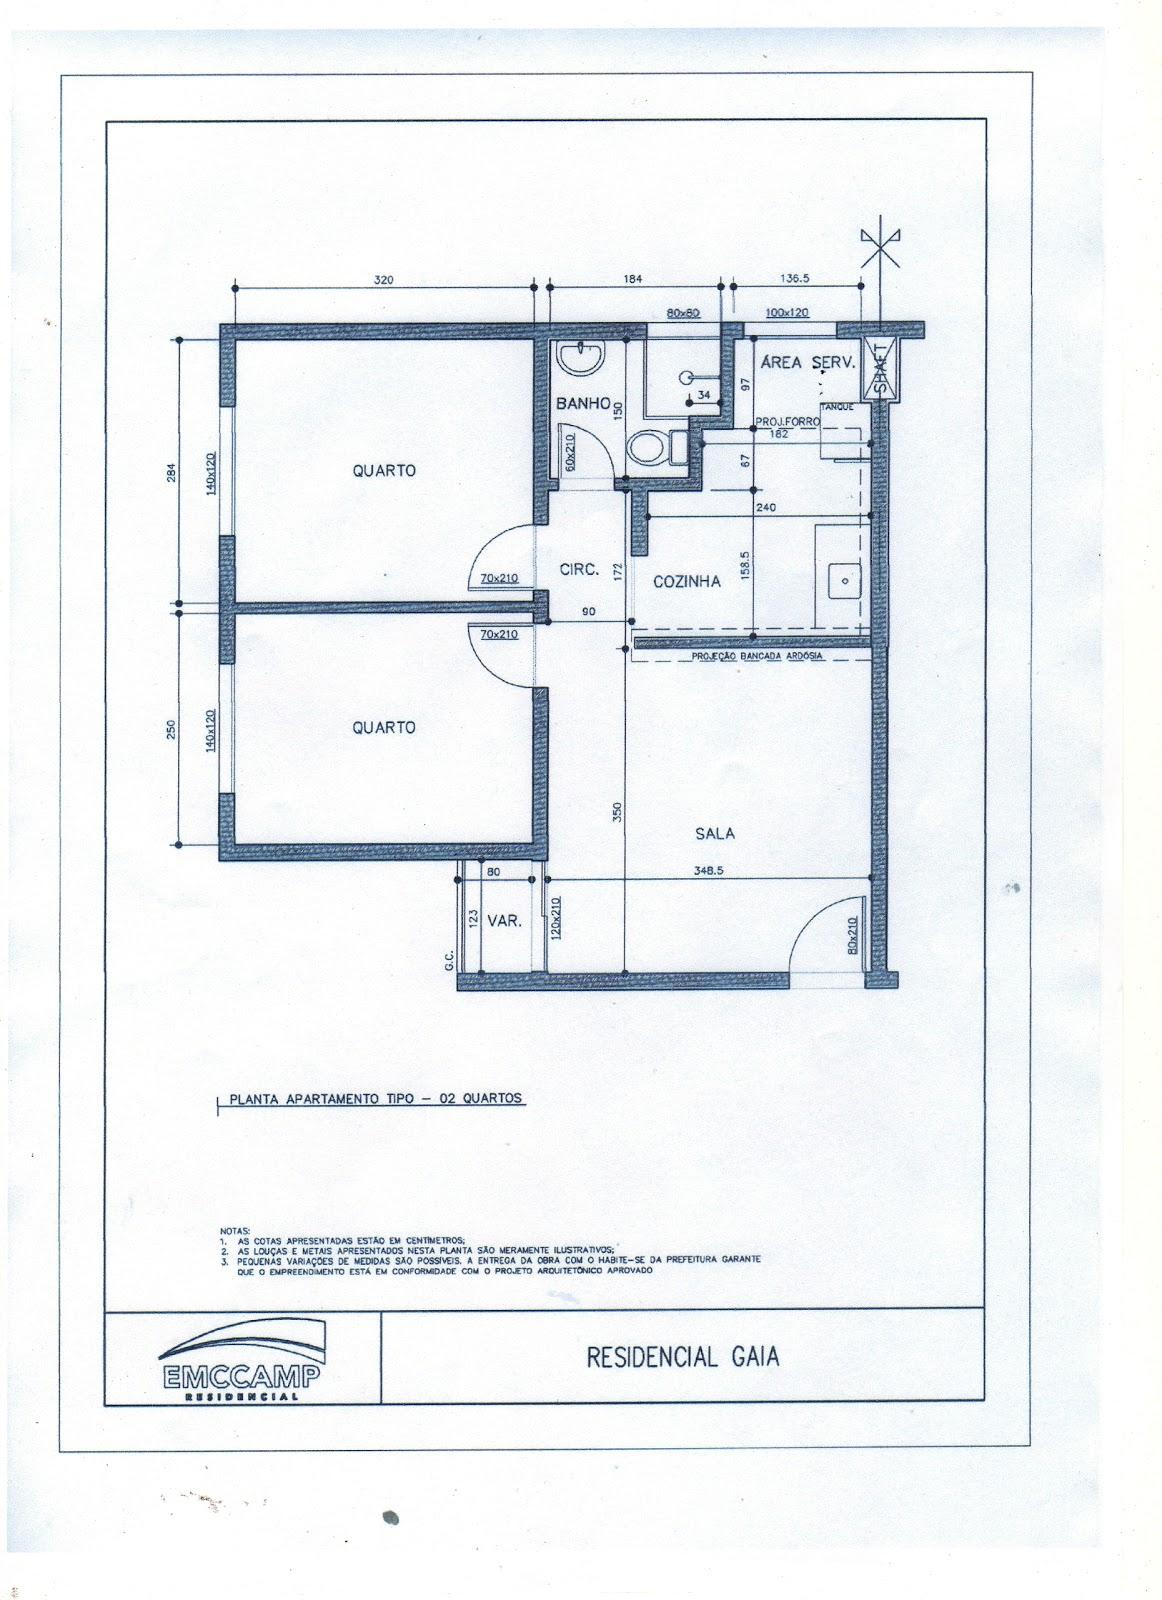 #4C647F  49m2 com dois quartos banheiro sala área de serviço e varanda 1162x1600 px projeto de quarto com banheiro e varanda